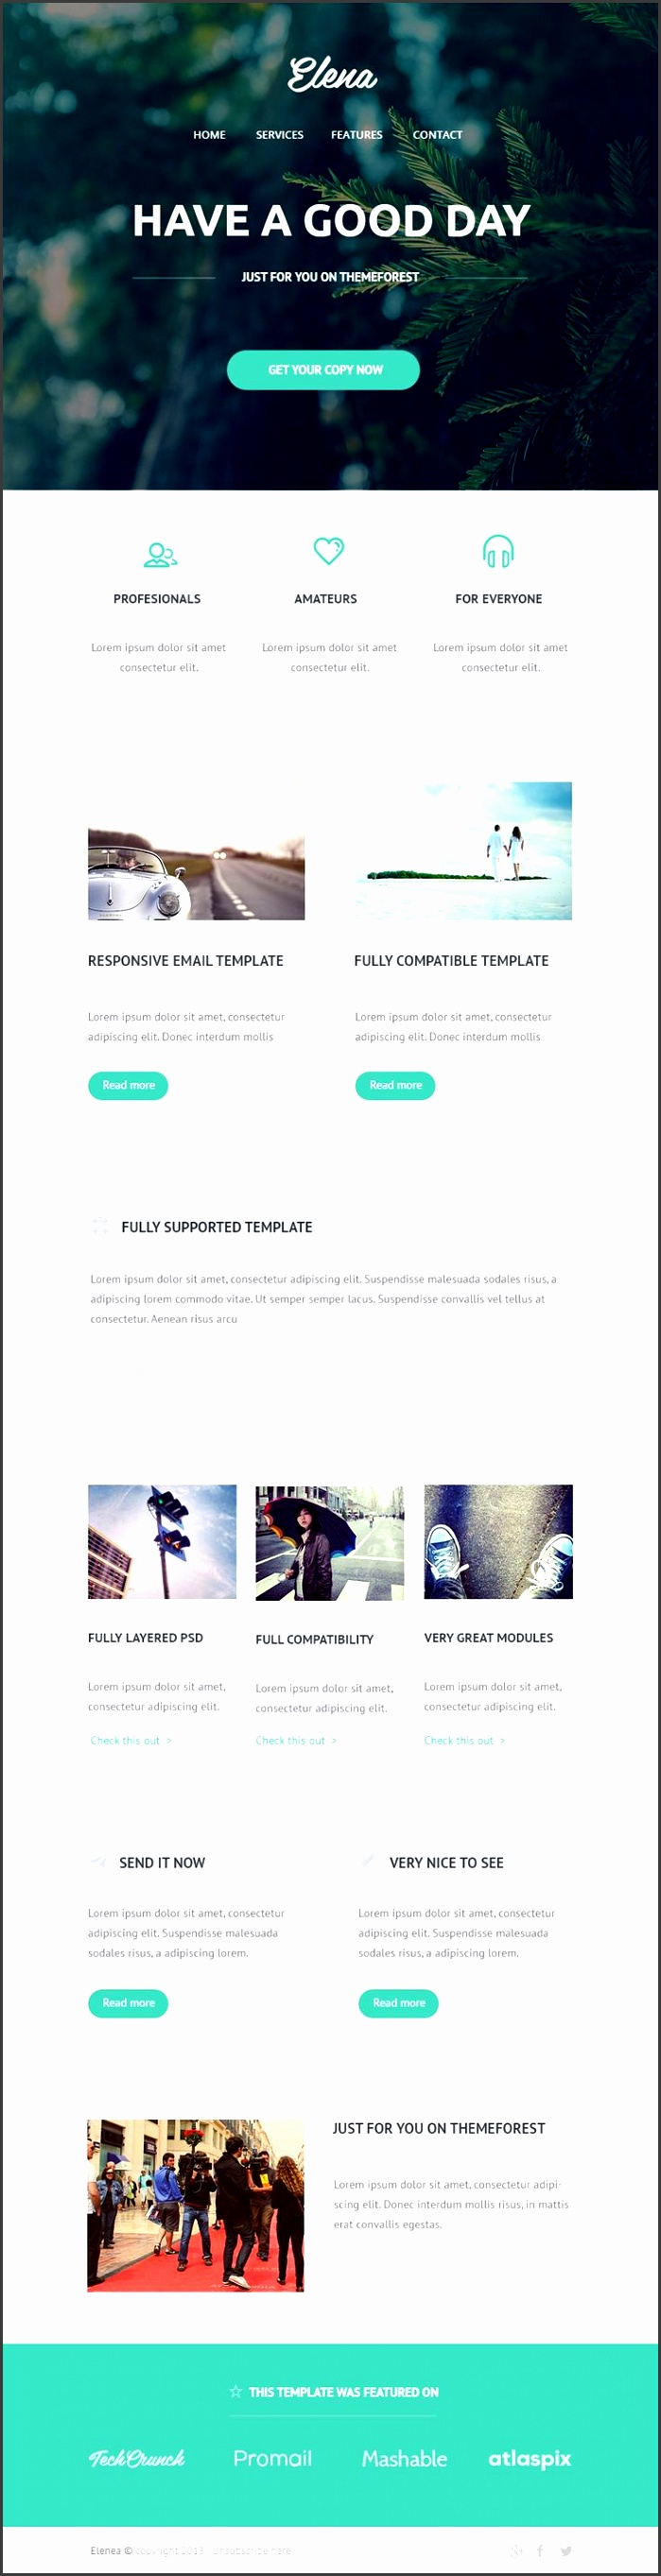 6 make outlook newsletter for free sampletemplatess sampletemplatess. Black Bedroom Furniture Sets. Home Design Ideas